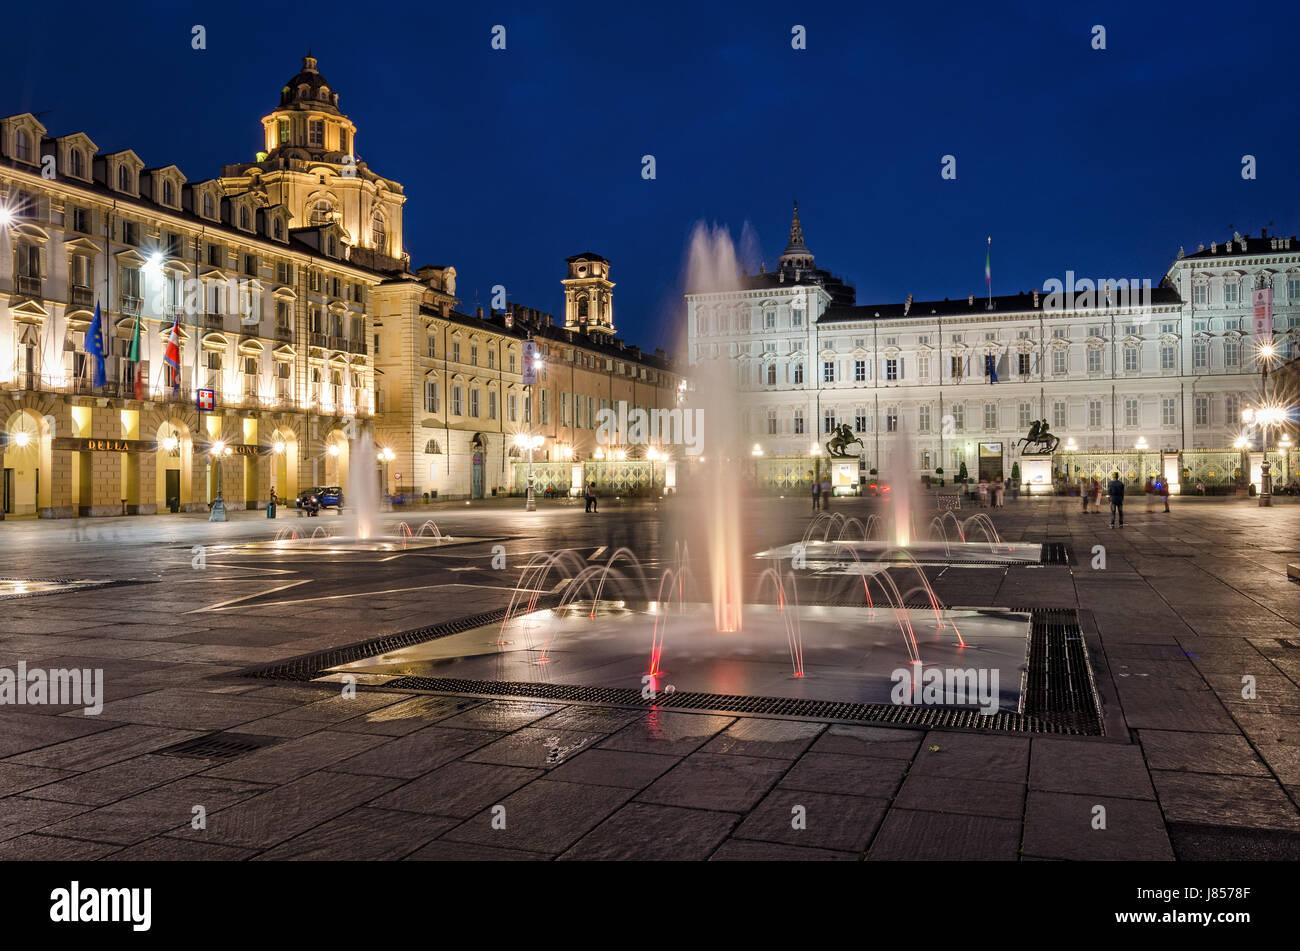 Torino Piazza Castello mit Brunnen im Vordergrund in der Dämmerung Stockfoto